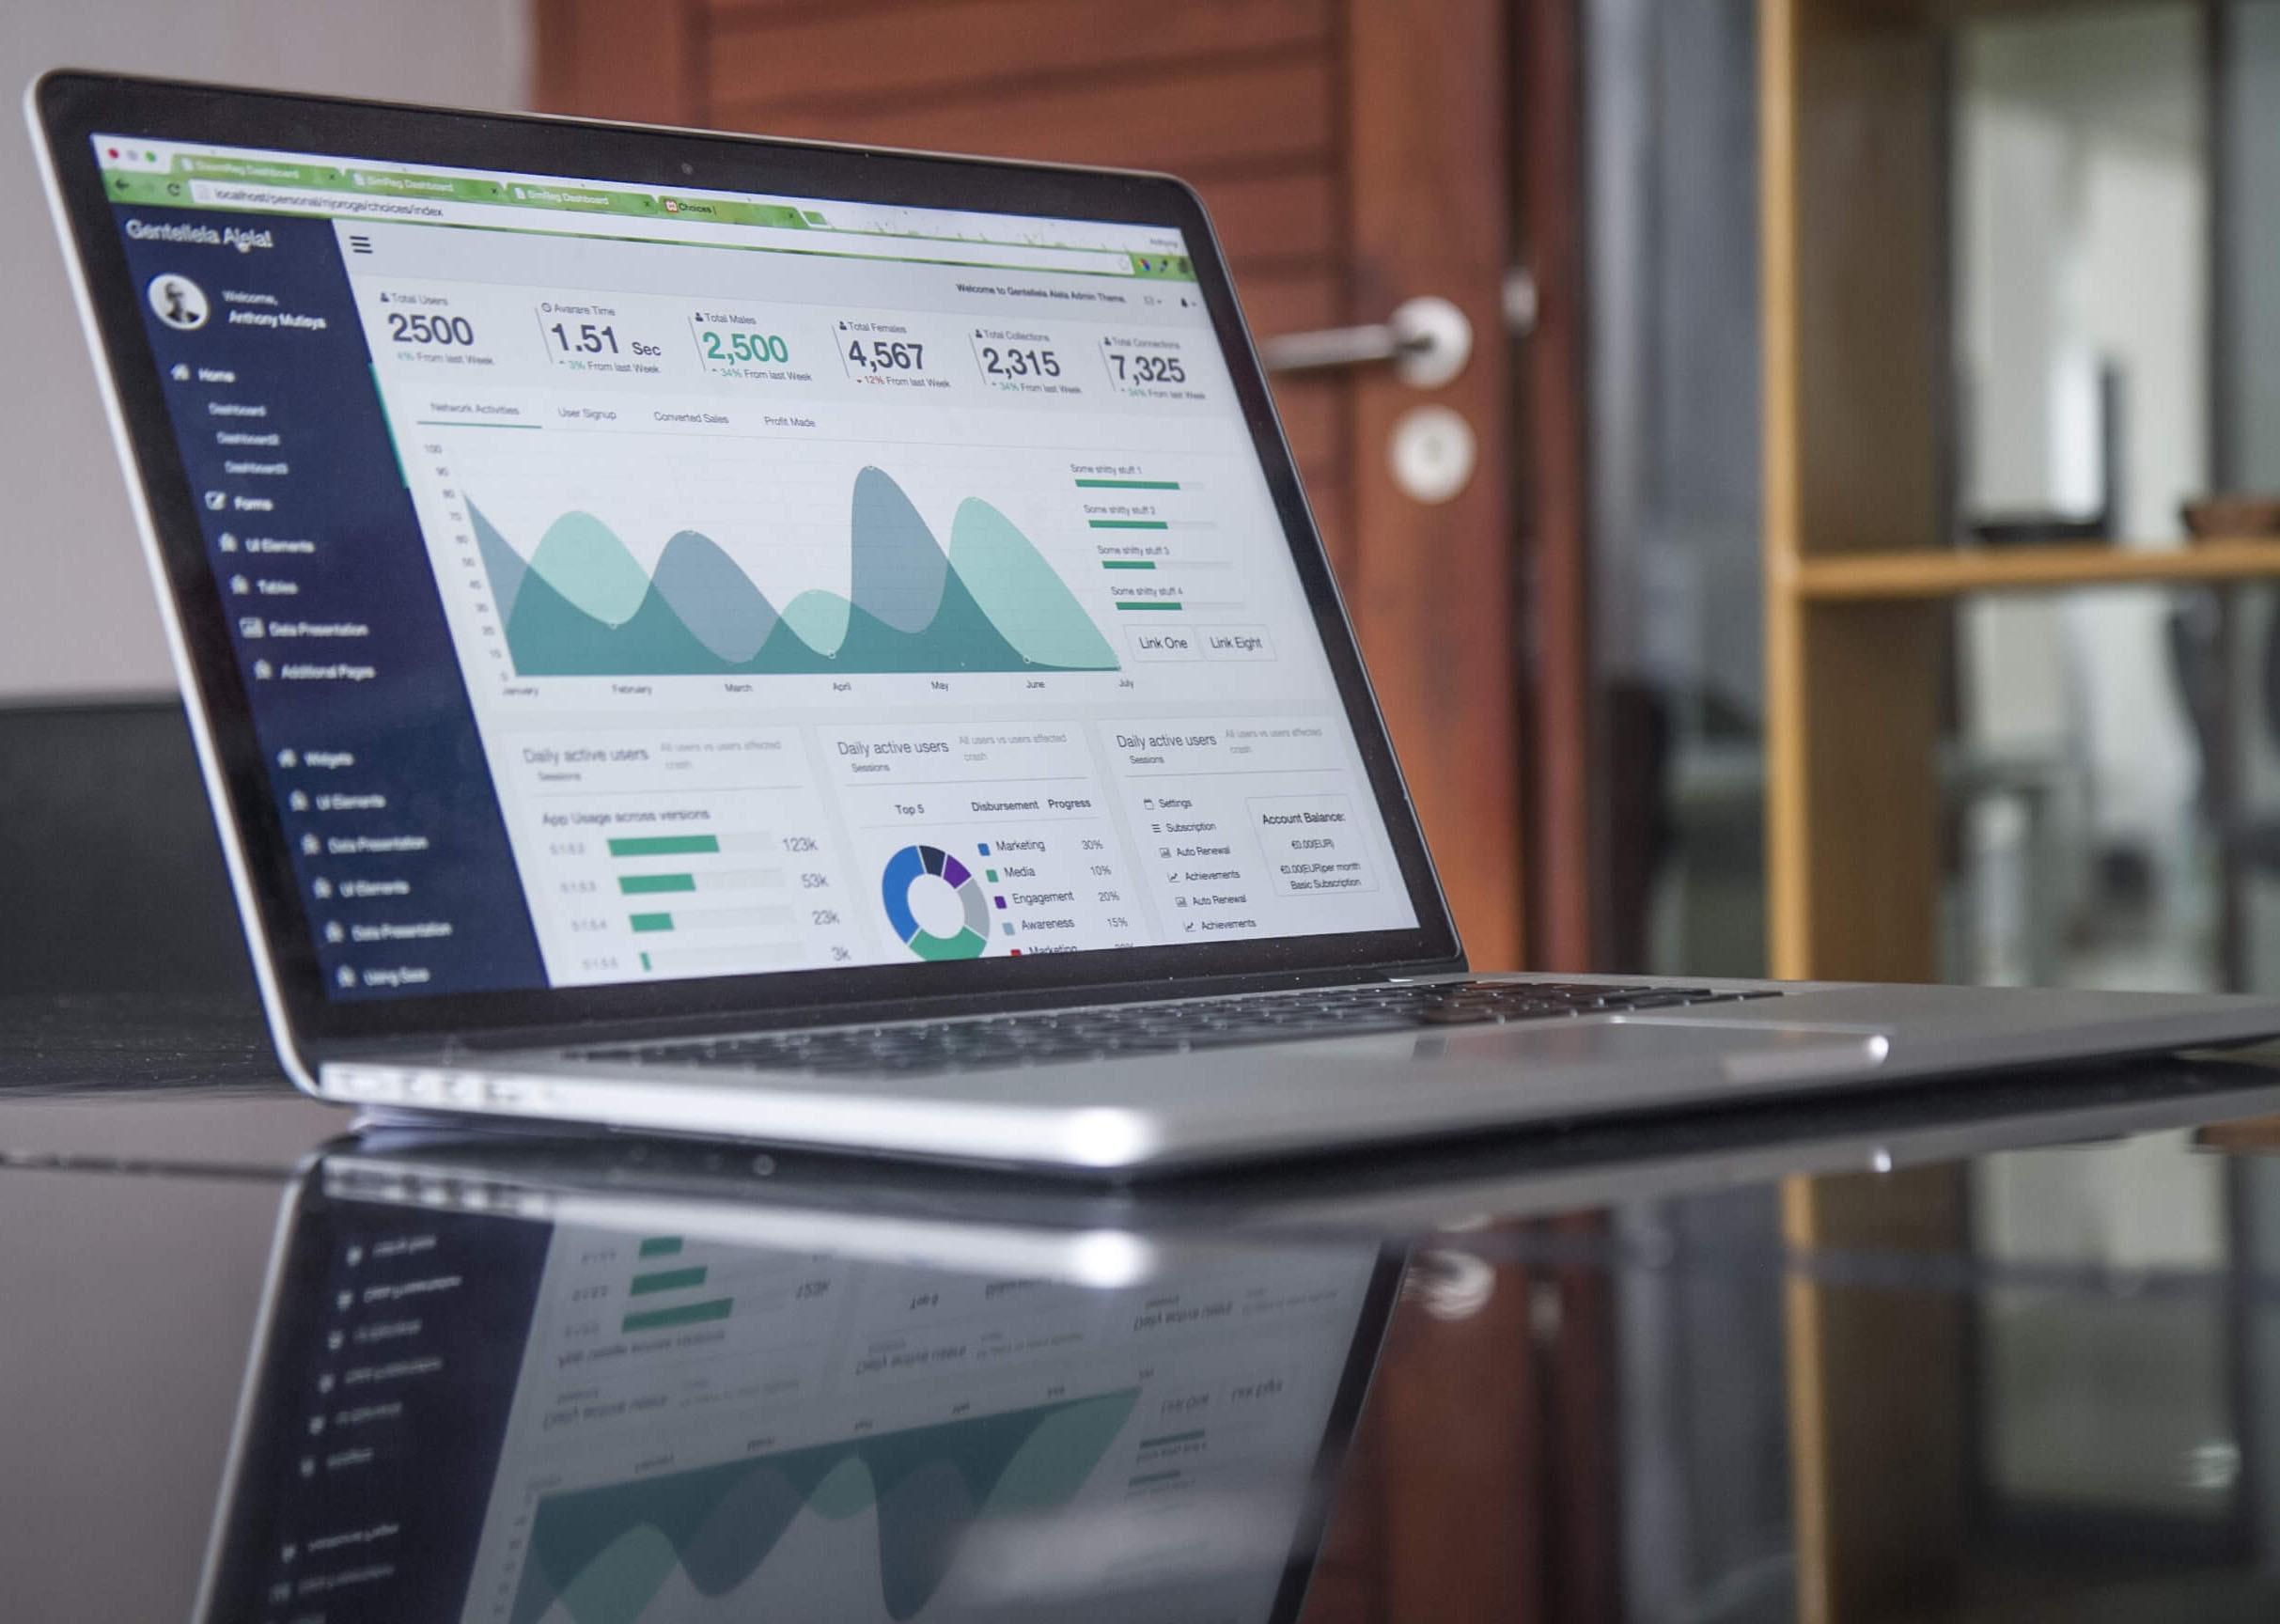 Como o uso de um CRM pode auxiliar na gestão de finanças